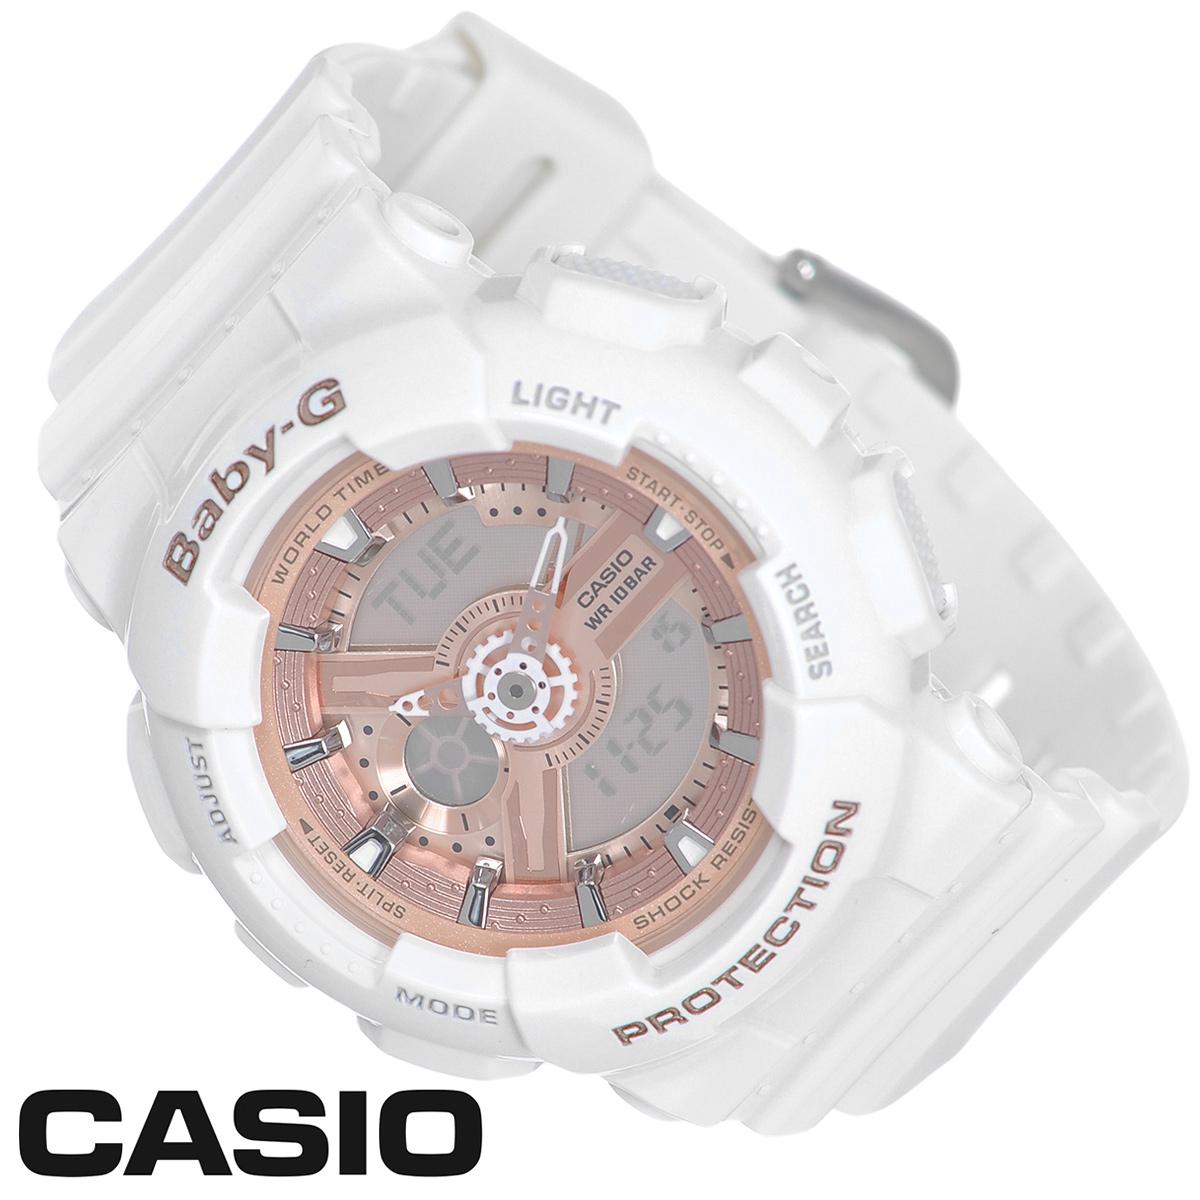 Часы женские наручные Casio Baby-G, цвет: белый, золотой. BA-110-7A1АнимаСтильные многофункциональные часы Baby-G от японского брэнда Casio - это яркий функциональный аксессуар для современных людей, которые стремятся выделиться из толпы и подчеркнуть свою индивидуальность. Часы выполнены в спортивном стиле.Часы оснащены японским кварцевым механизмом, имеют ударопрочную конструкцию, защищающую механизм от ударов и вибрации. Циферблат оснащен двумя стрелками и подсвечивается светодиодом. Ремешок из мягкого пластика застегивается на классическую застежку.Основные функции: - 5 будильников, один с функцией повтора сигнала (чтобы отложить пробуждение), ежечасный сигнал; - сплит-хронограф; - автоматический календарь (число, месяц, день недели, год); - секундомер с точностью показаний 1/100 с, время измерения 24 ч; - 12-ти и 24-х часовой формат времени; - таймер обратного отсчета от 1 мин до 24 ч; - функция включения/отключения звука; - мировое время. Часы упакованы в фирменную коробку с логотипом Casio. Такой аксессуар добавит вашему образу стиля и подчеркнет безупречный вкус своего владельца. Характеристики:Диаметр циферблата: 3 см.Размер корпуса: 4,6 см х 4,3 см х 1,6 см.Длина ремешка (с корпусом): 22 см.Ширина ремешка: 1,9 см. STAINLESS STELL BACK JAPAN MOVT Y CASED IN CHINA.